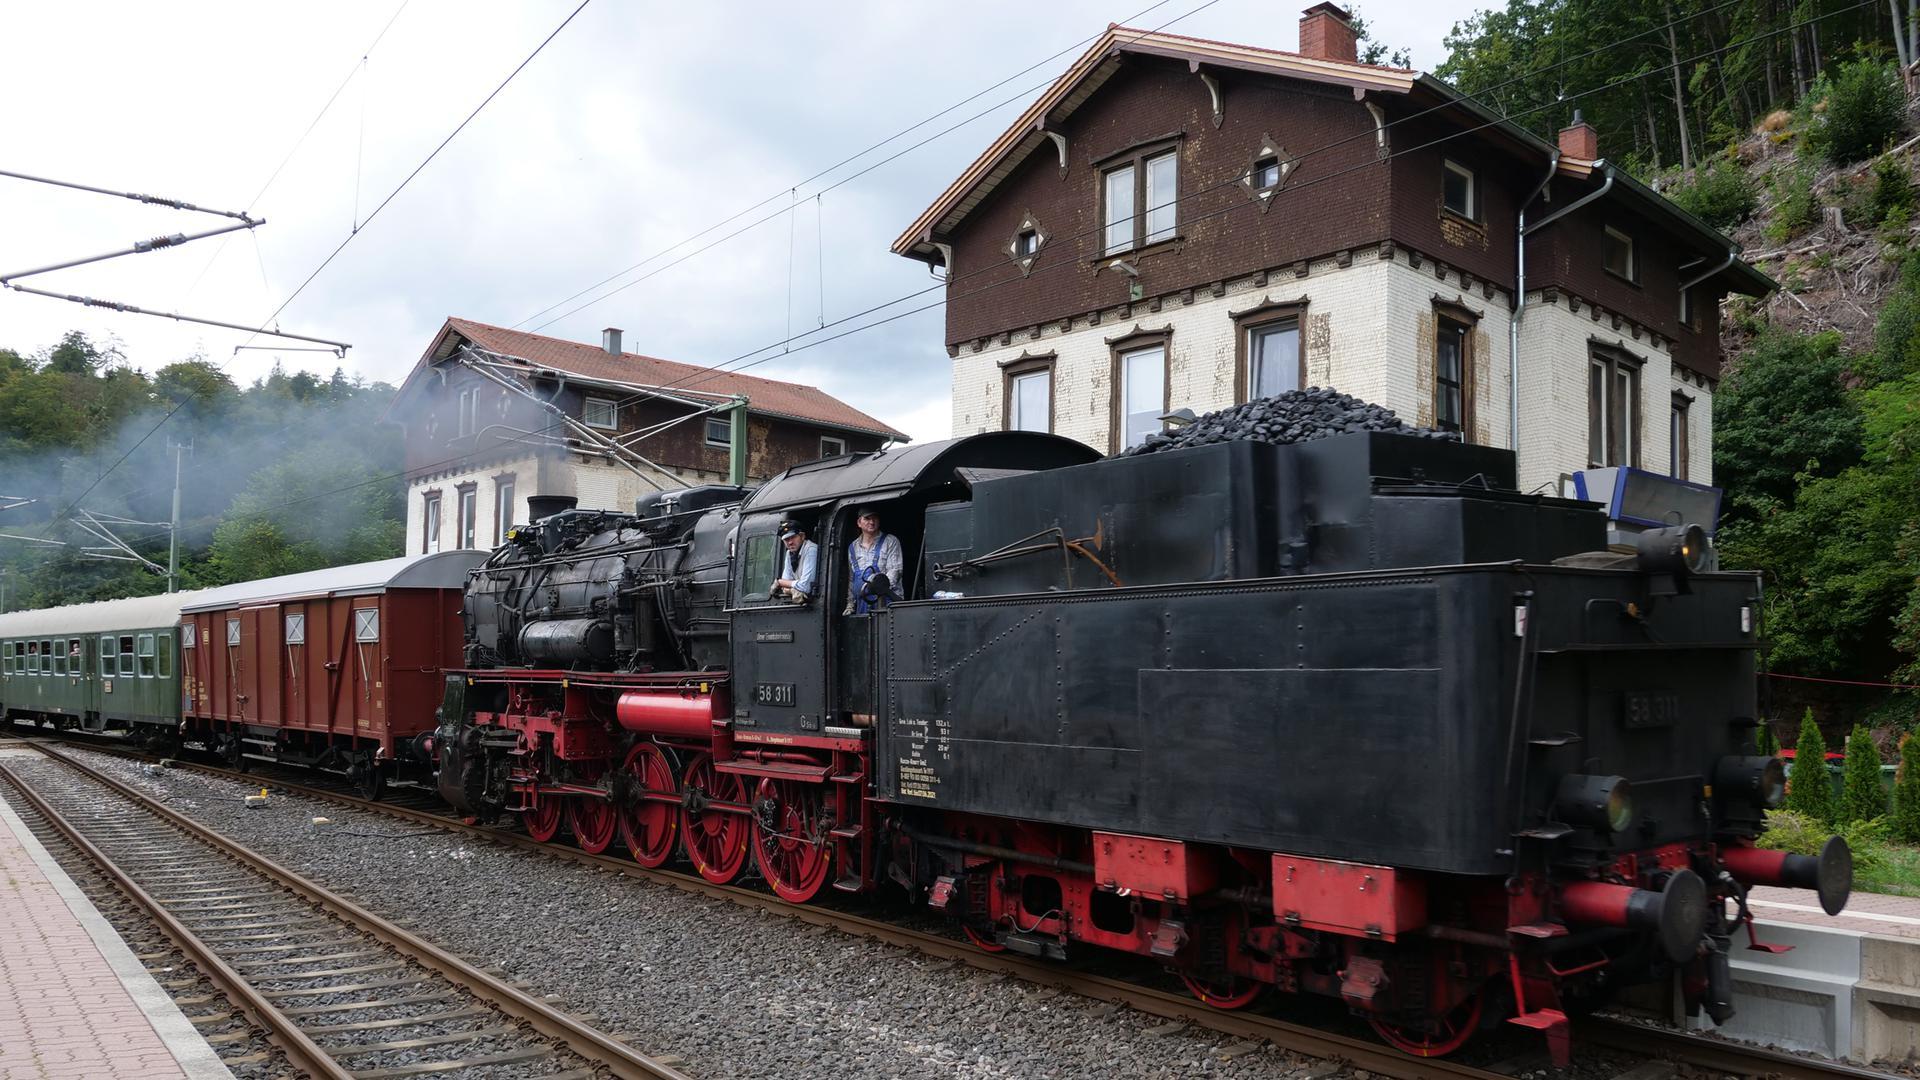 EIne Dampflokomotive fährt an Häusern vorbei.